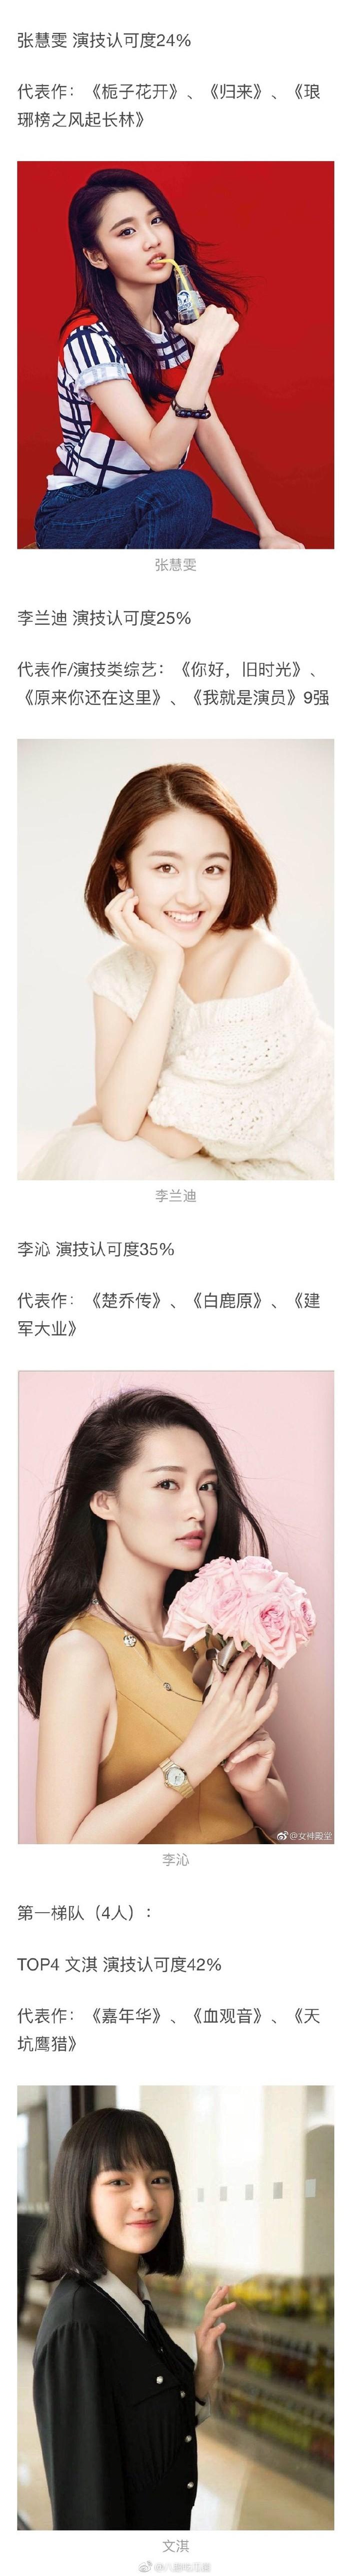 Bảng đánh giá diễn xuất của tiểu hoa, tiểu sinh thế hệ sau 1990 do Douban đưa ra